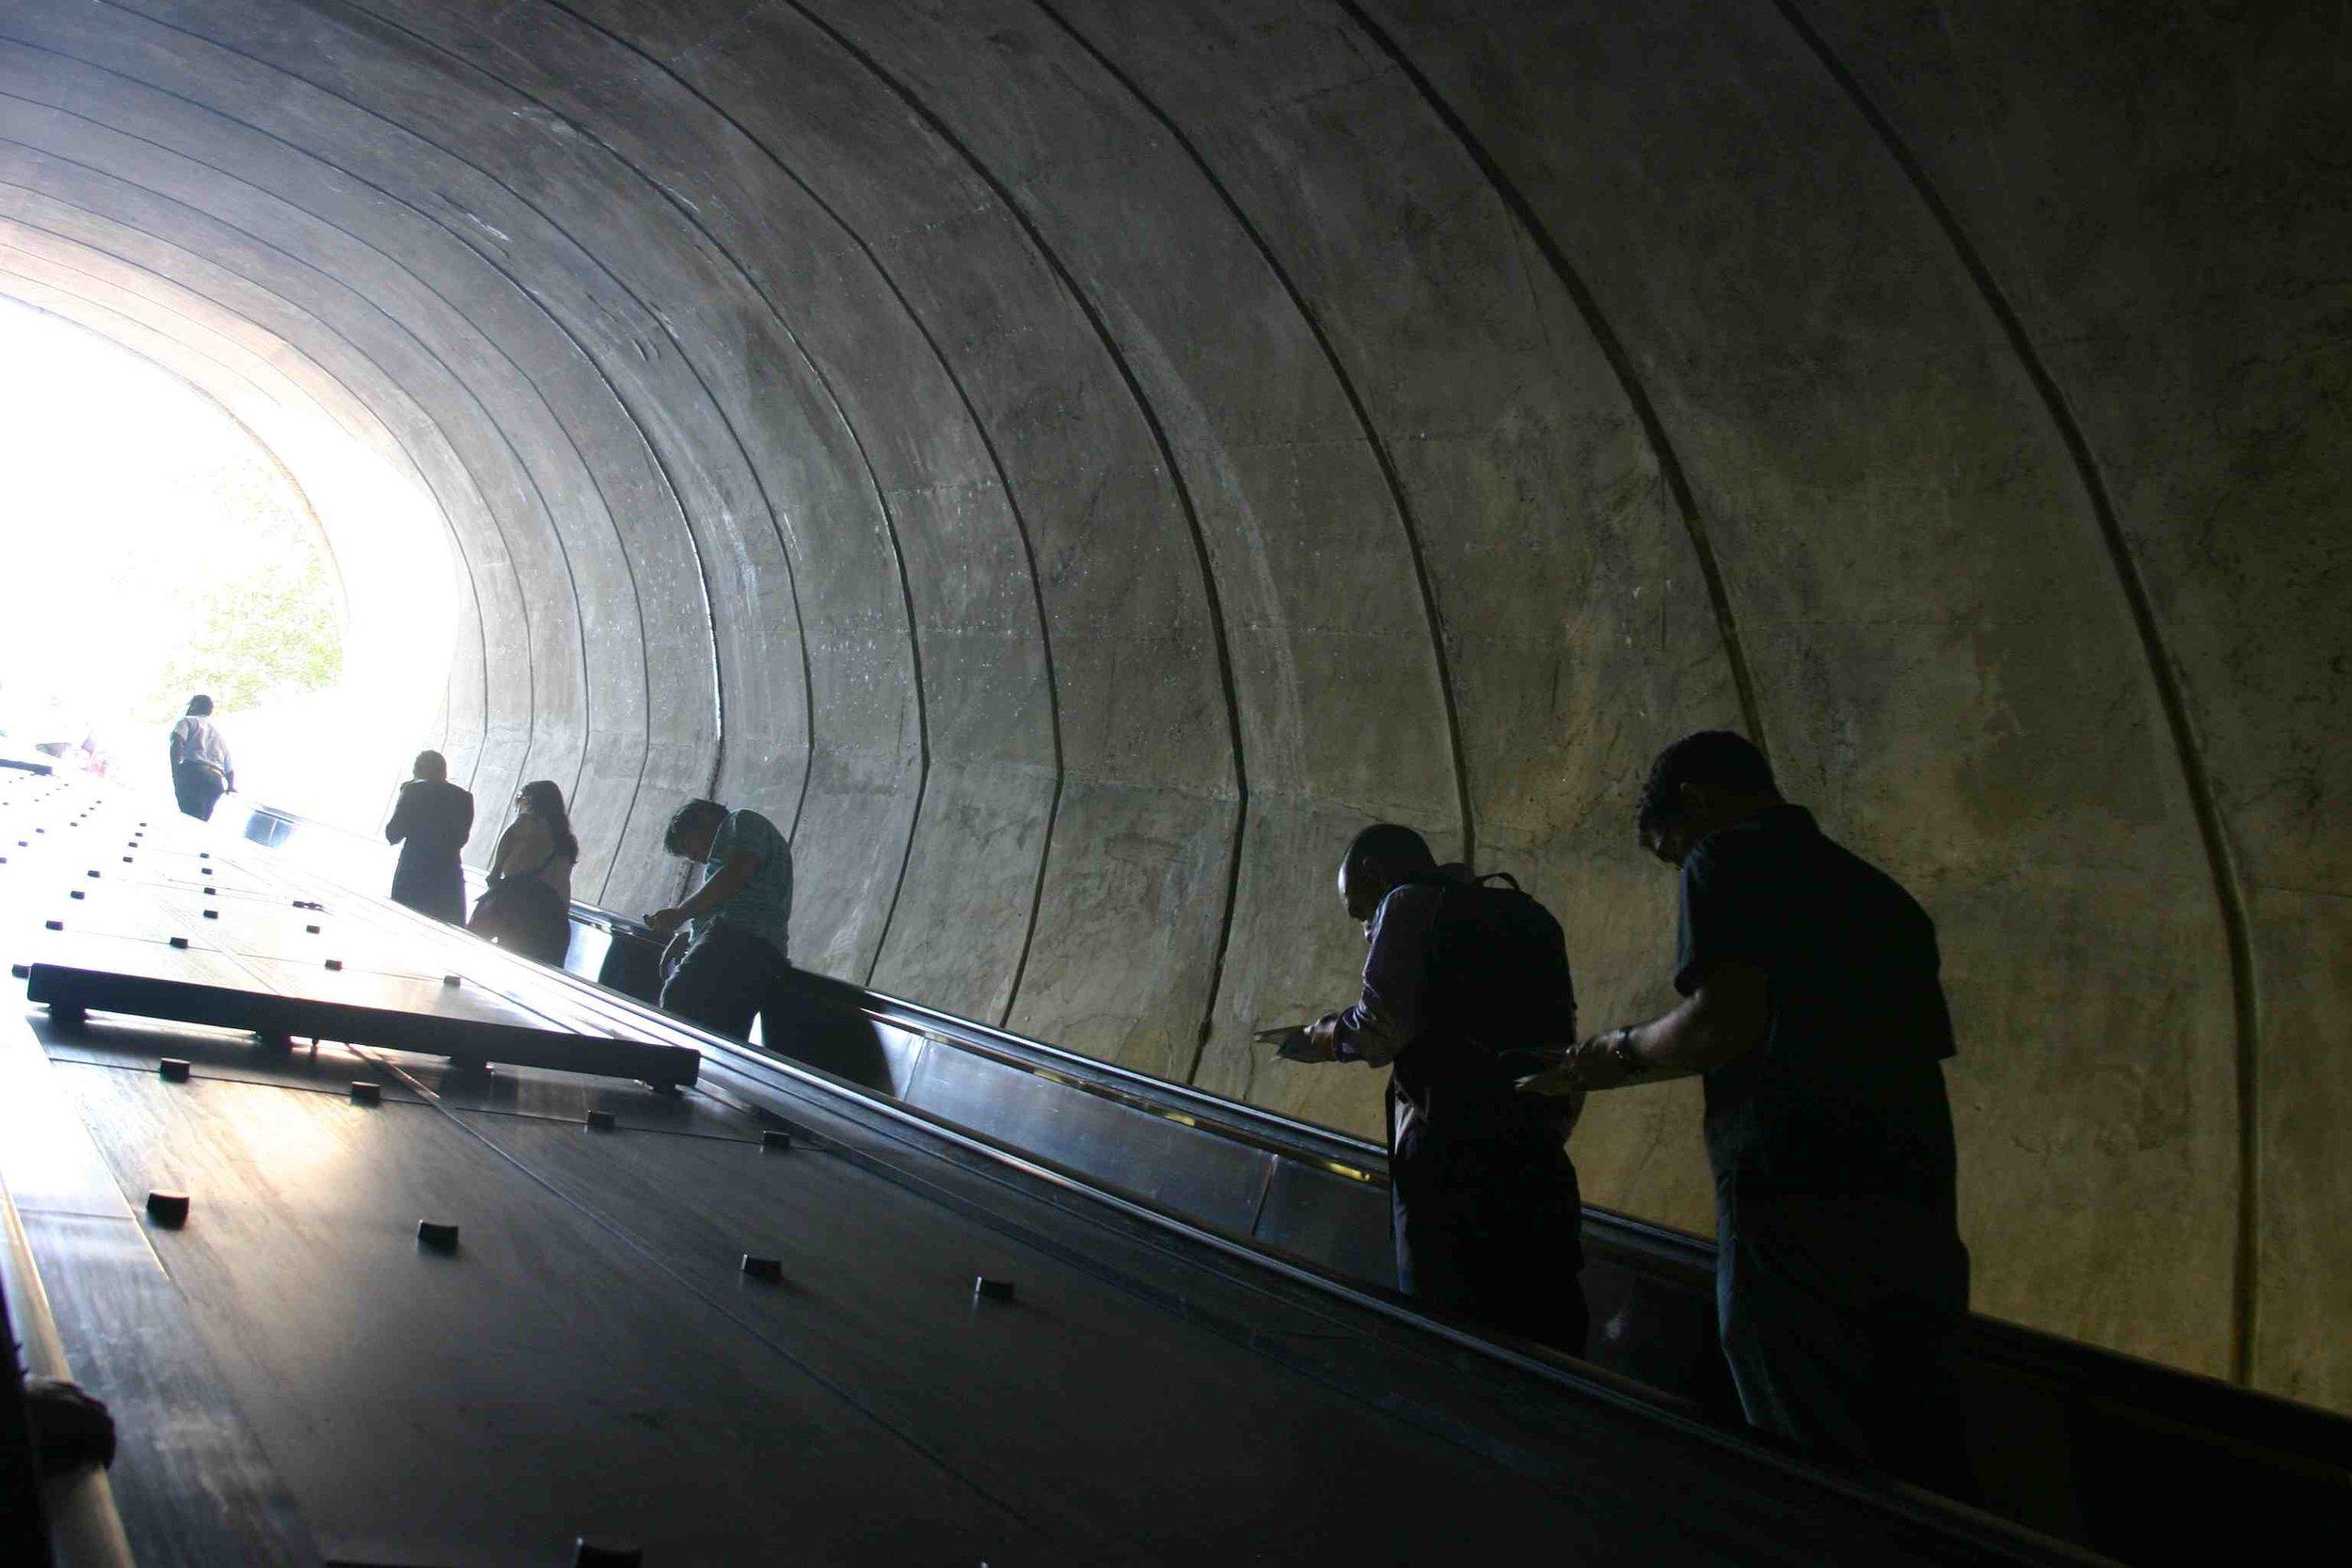 Dupont Circle Metro, Washington, DC, September 2012